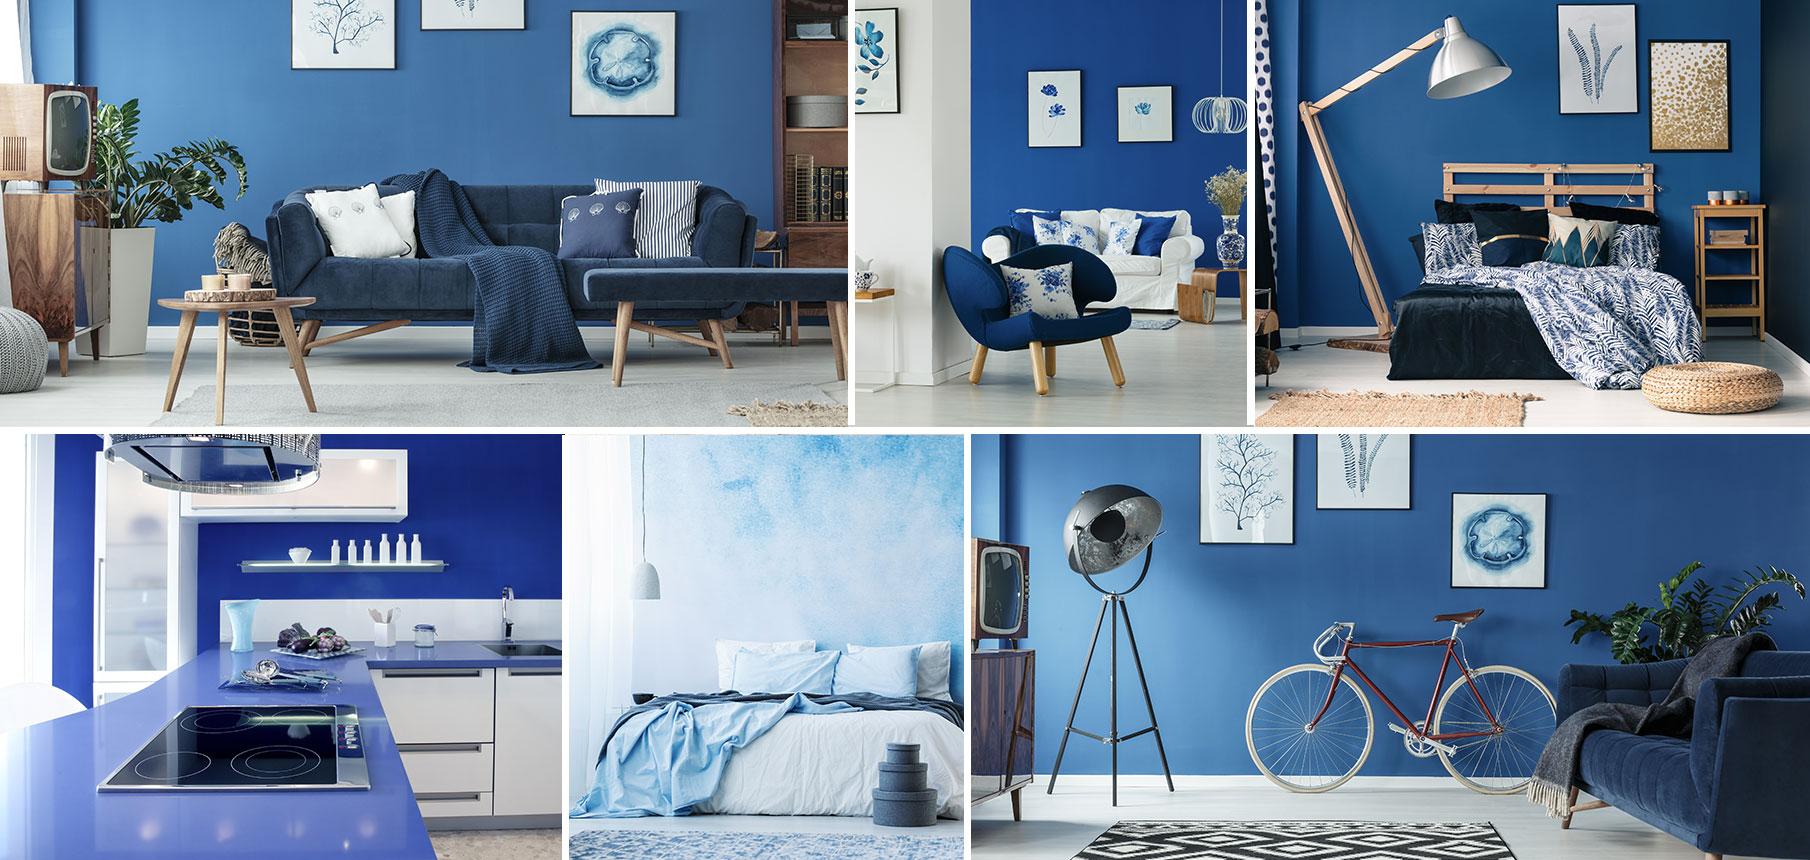 Bleu Couleur Bleue